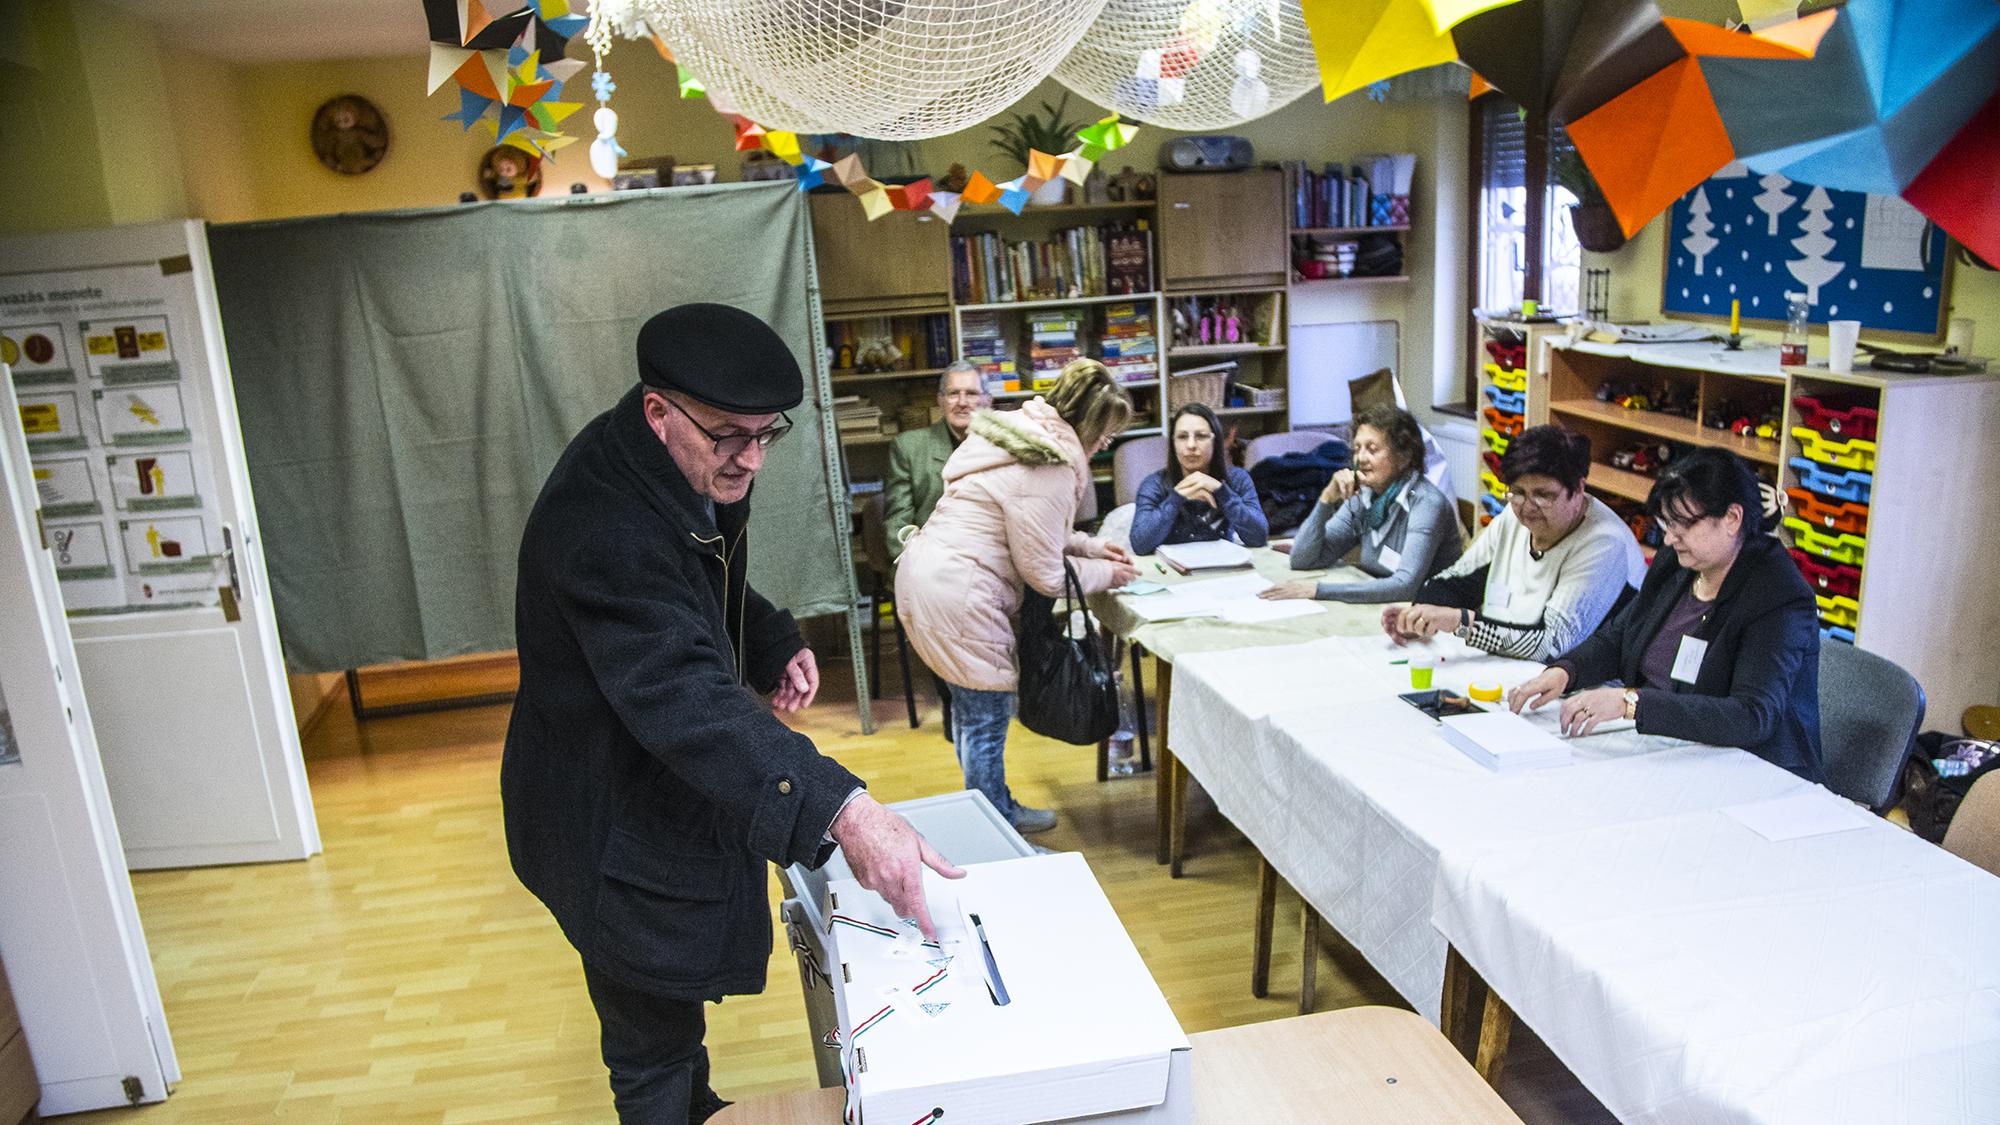 Már 57 százalék feletti a részvétel Hódmezővásárhelyen, Márki-Zay szerint 60 százalék felett van esélye győzni